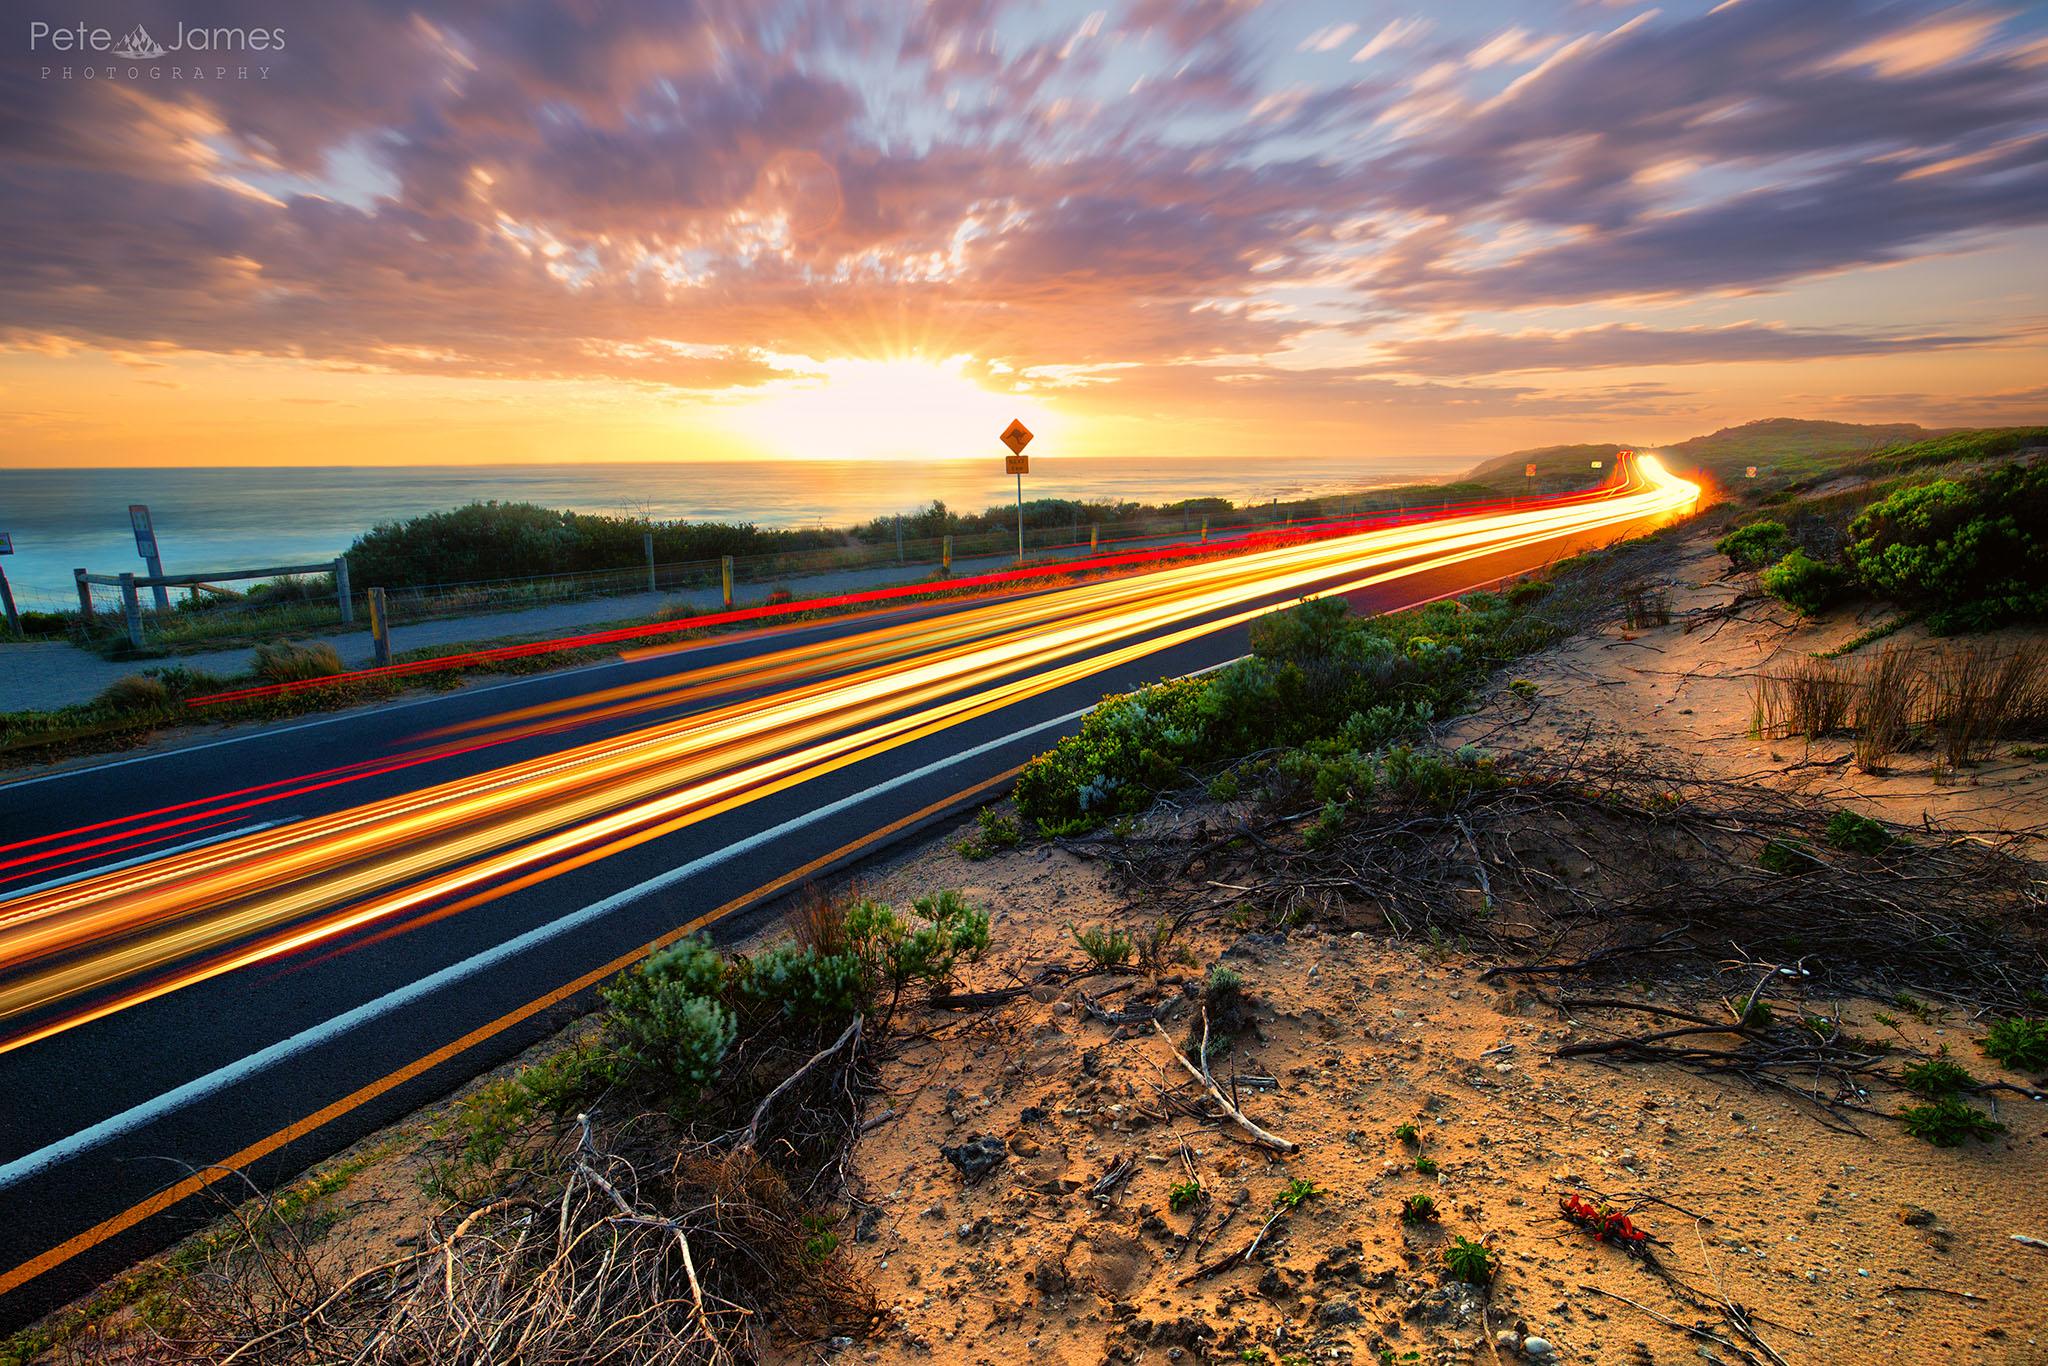 Rush Hour - 13th Beach Rd